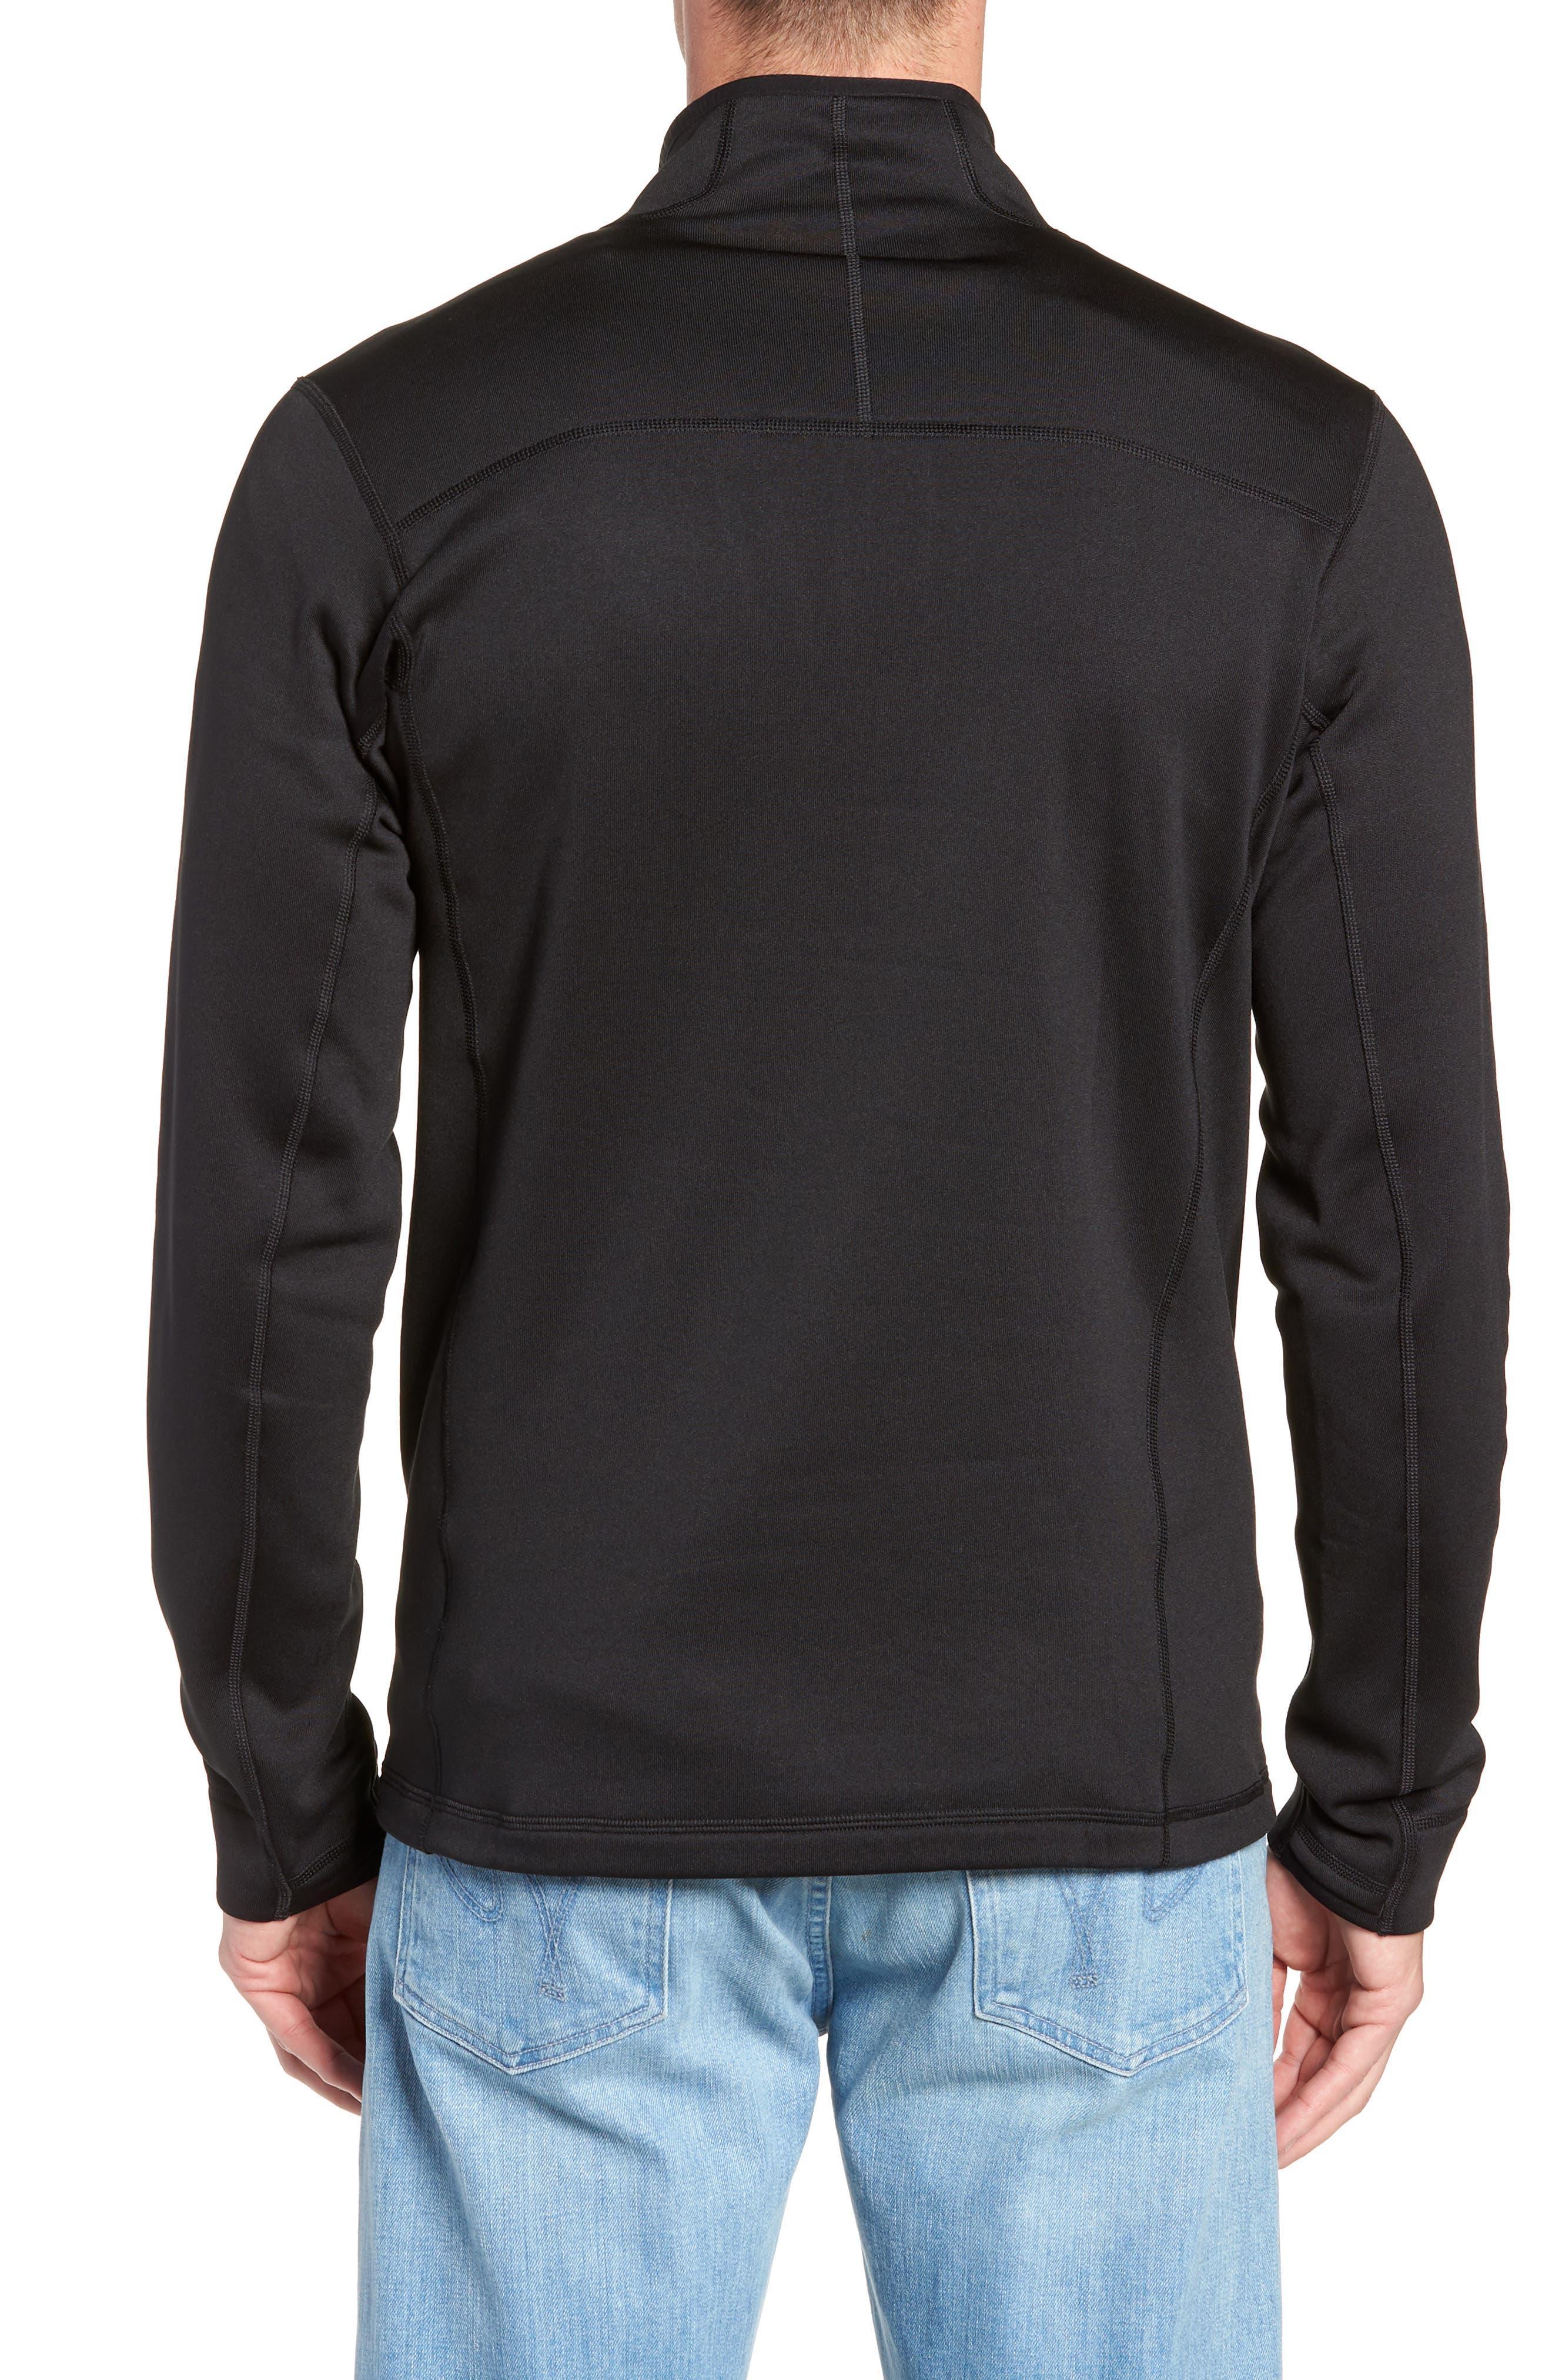 Crosstrek Quarter Zip Fleece Pullover,                             Alternate thumbnail 2, color,                             BLACK